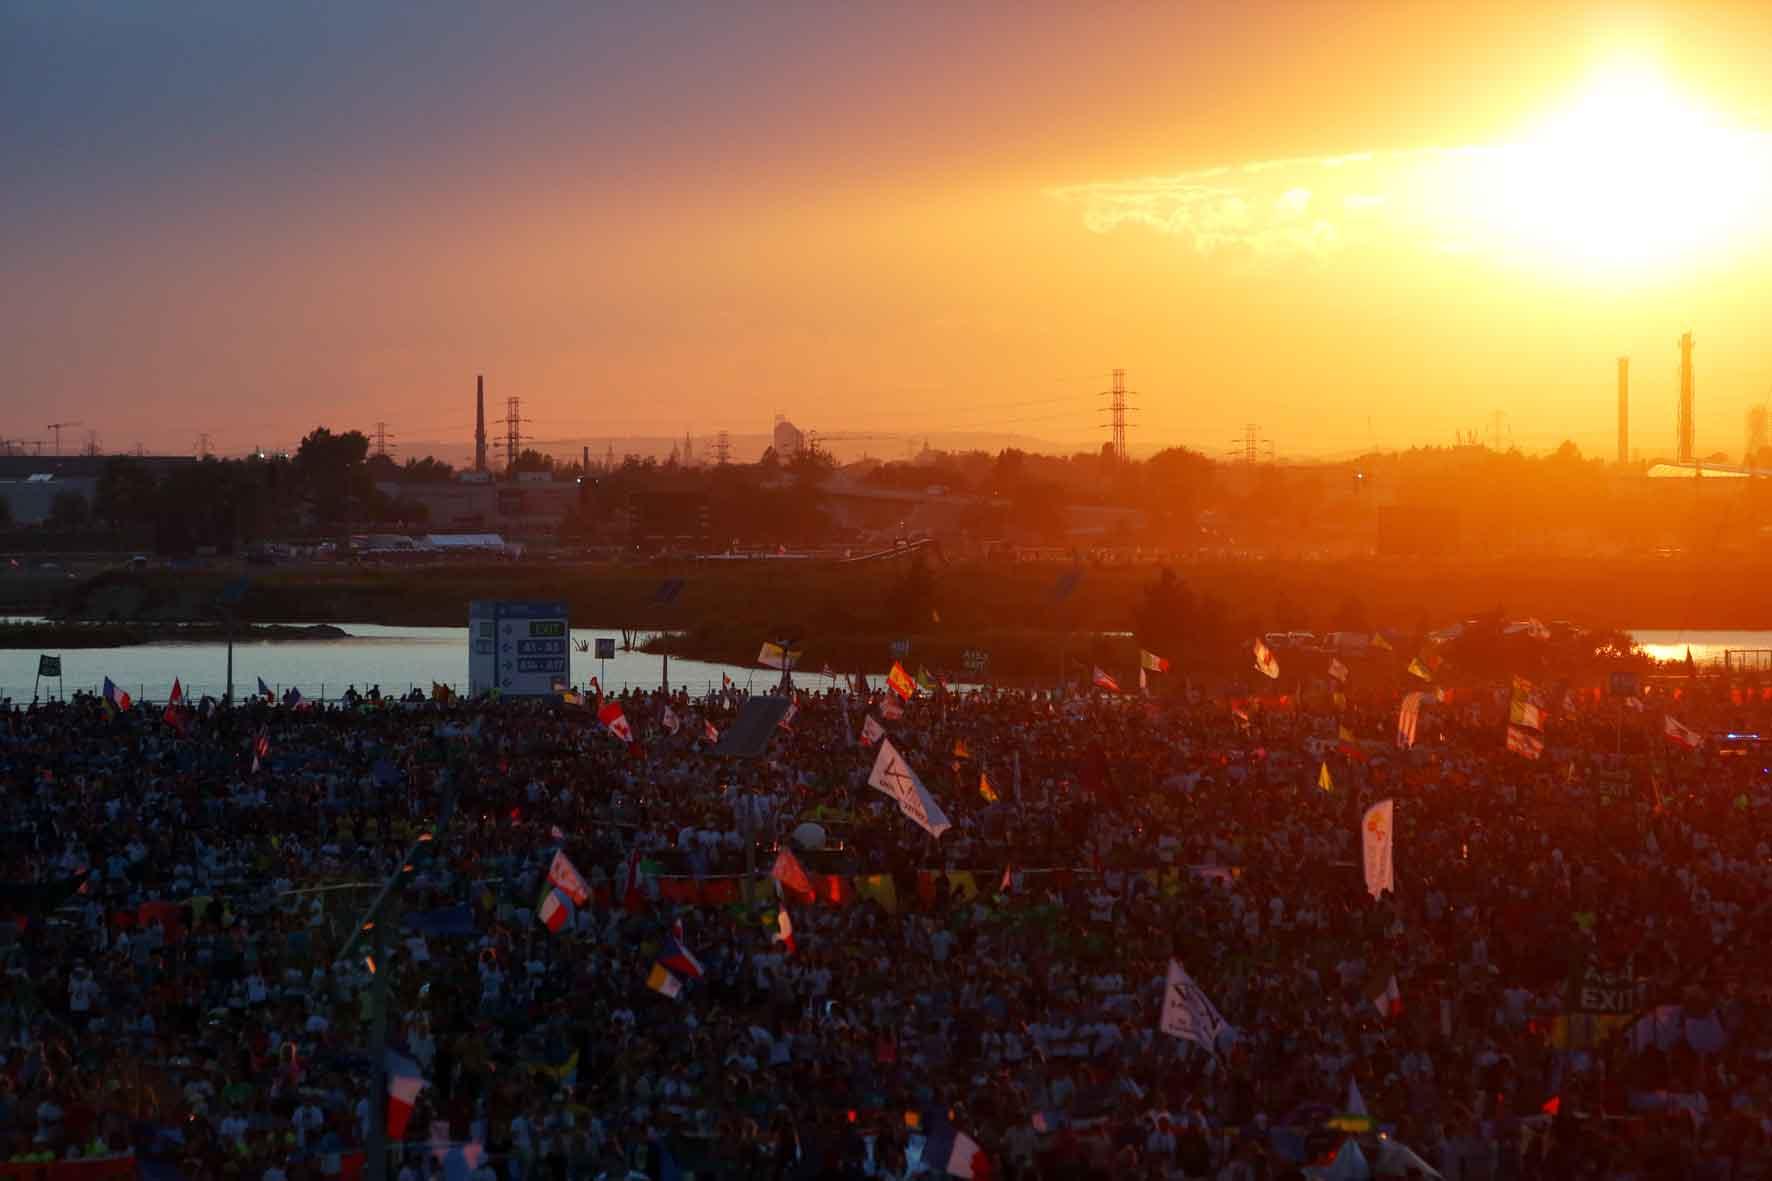 Cracovia, 30 luglio 2016. GMG 2016 Papa Francesco presso il Campus Misericordiae